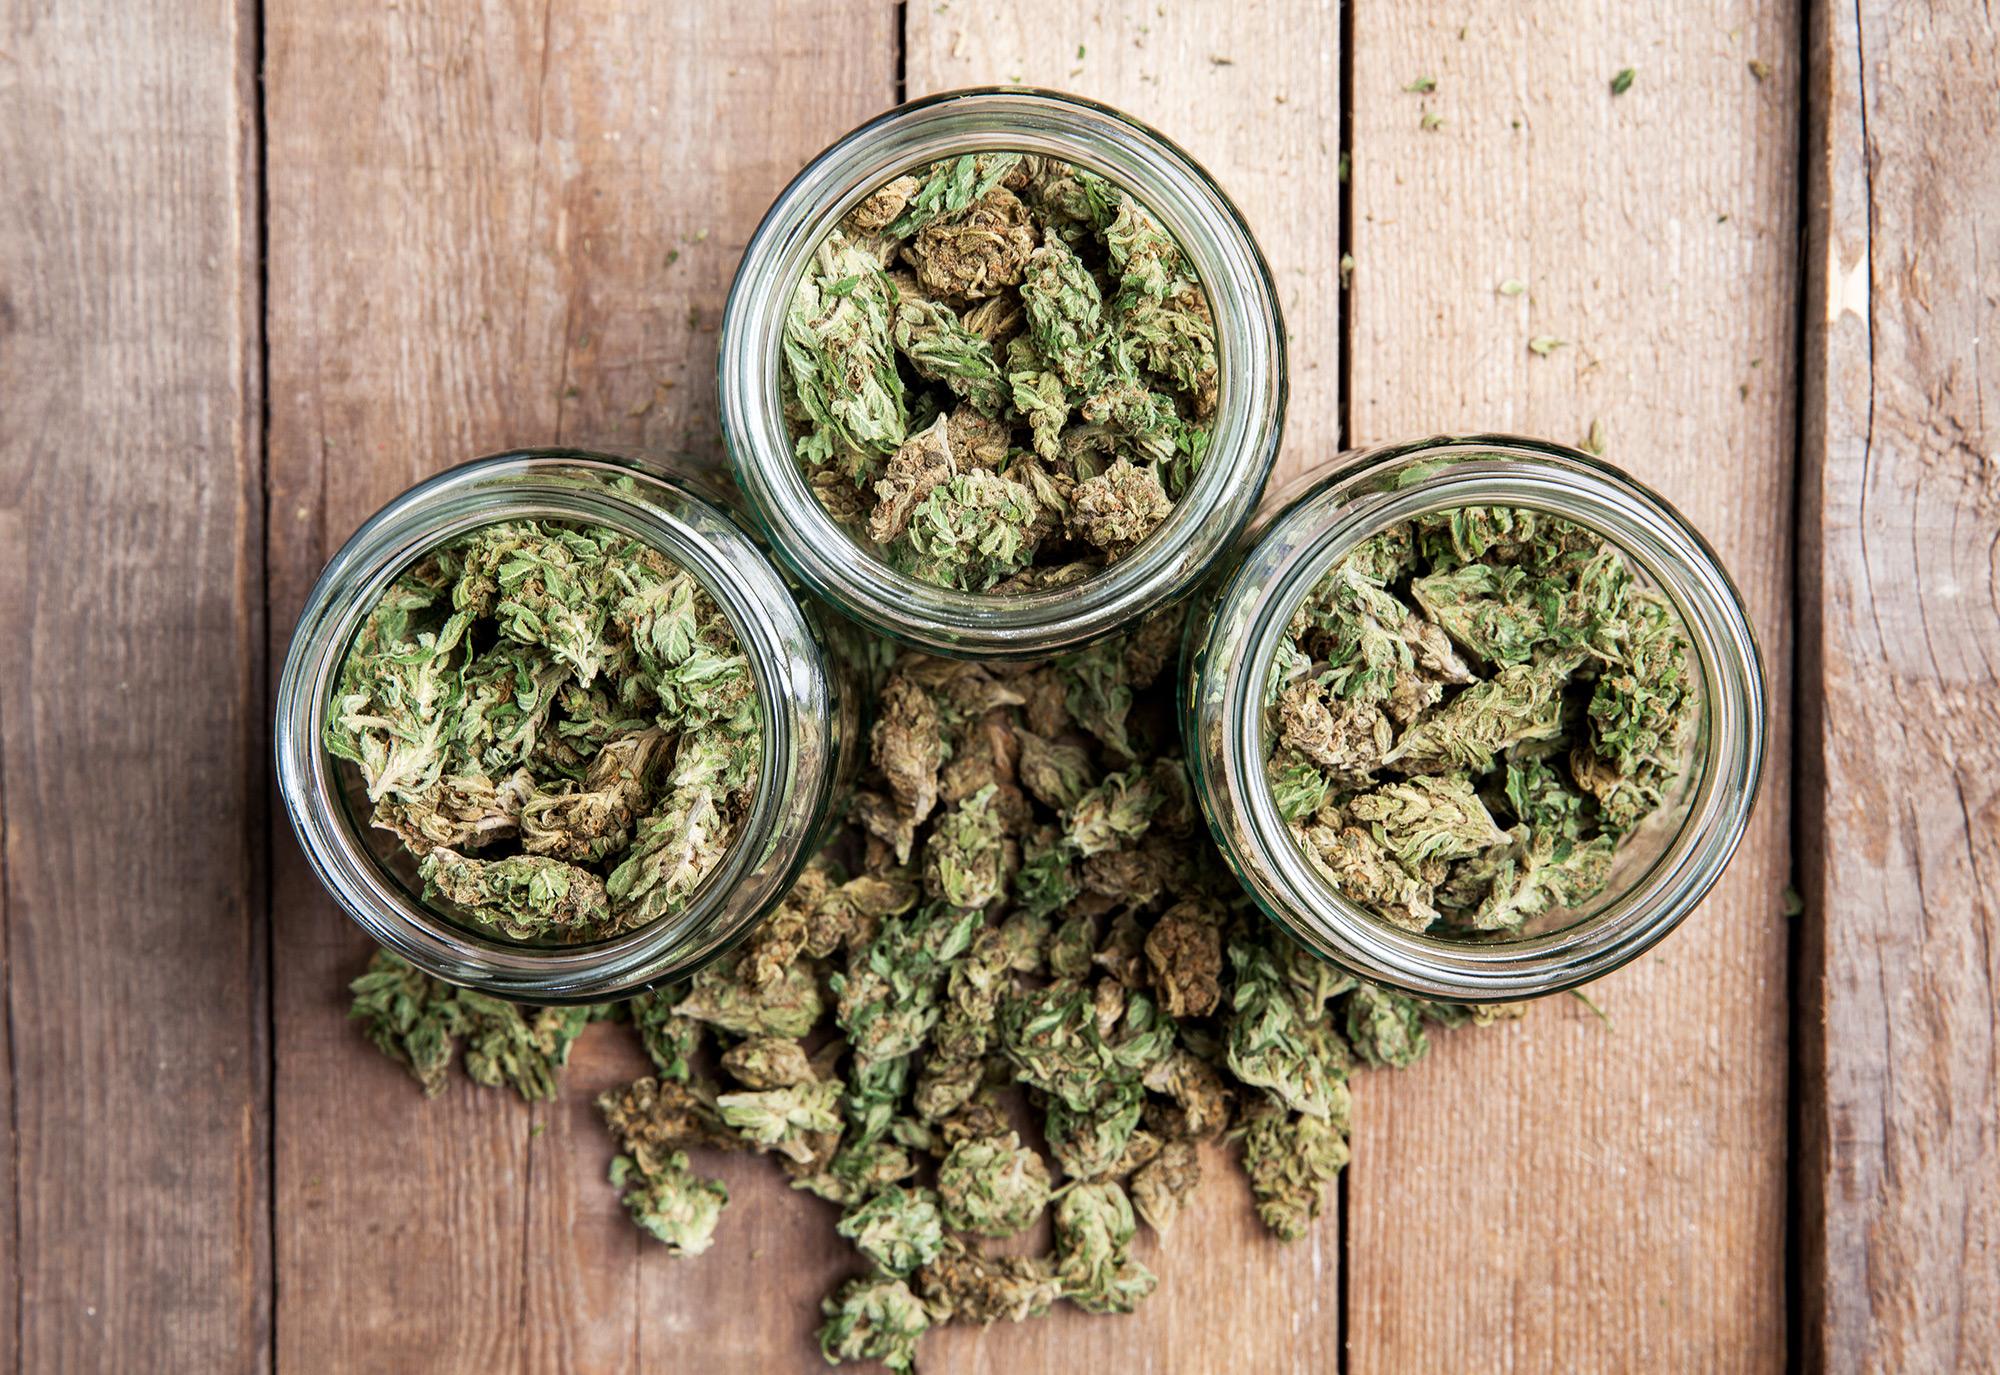 curing_cannabis